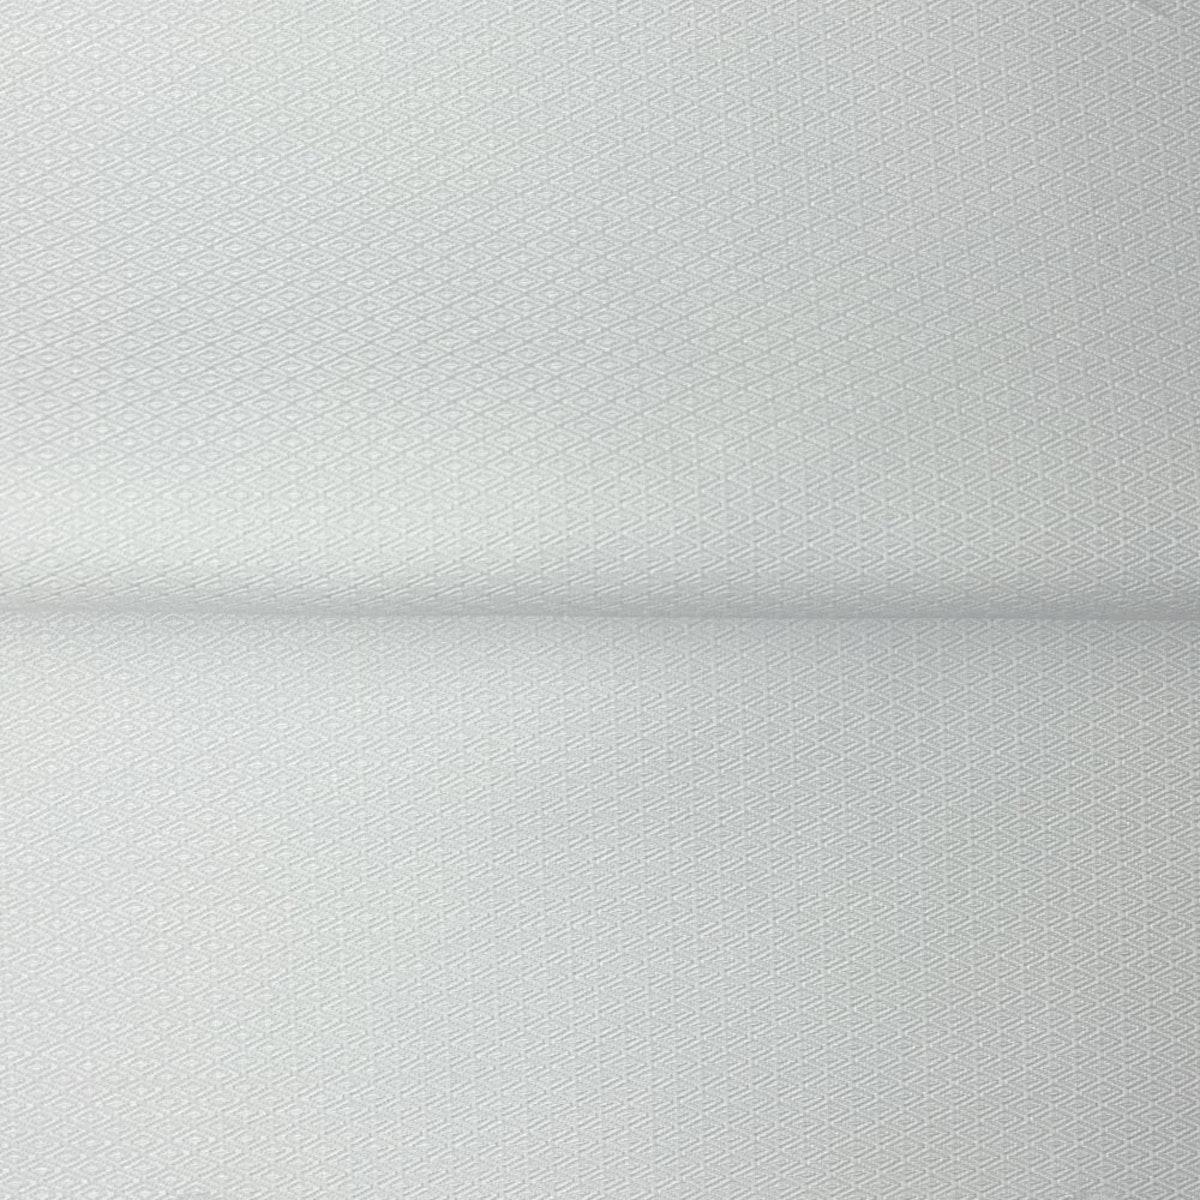 InStitchu Shirt Fabric 17